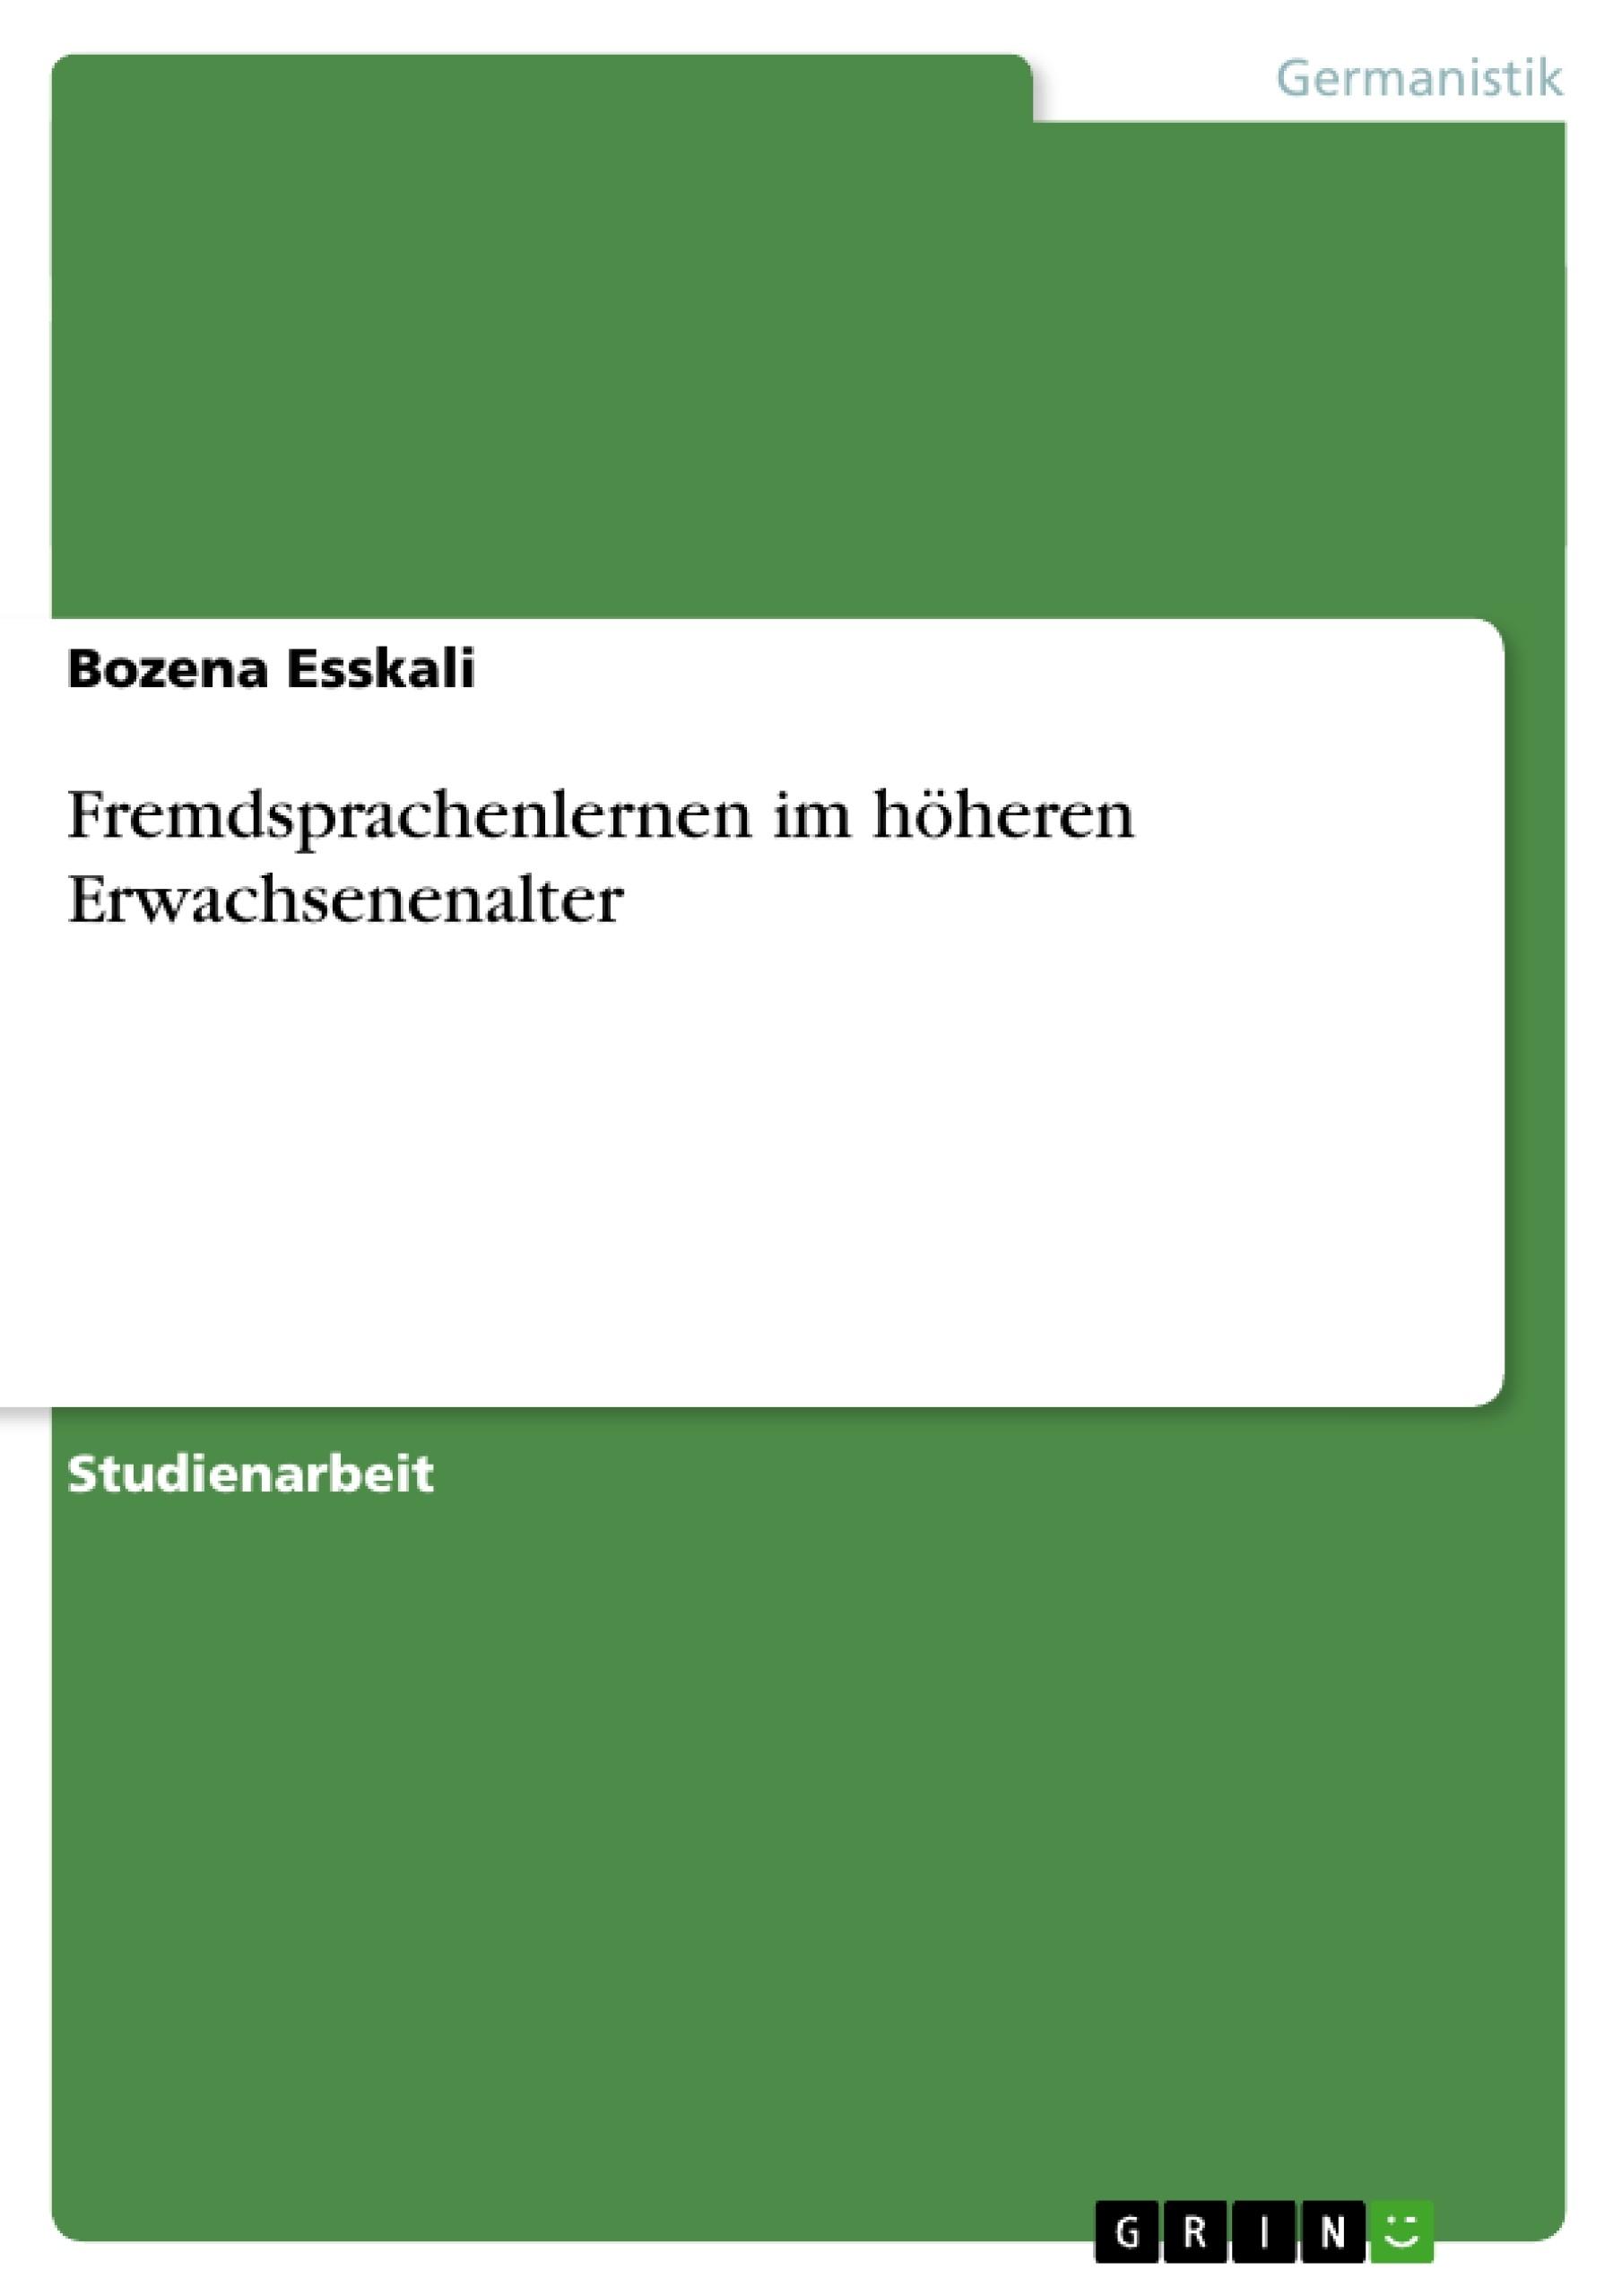 Titel: Fremdsprachenlernen im höheren Erwachsenenalter